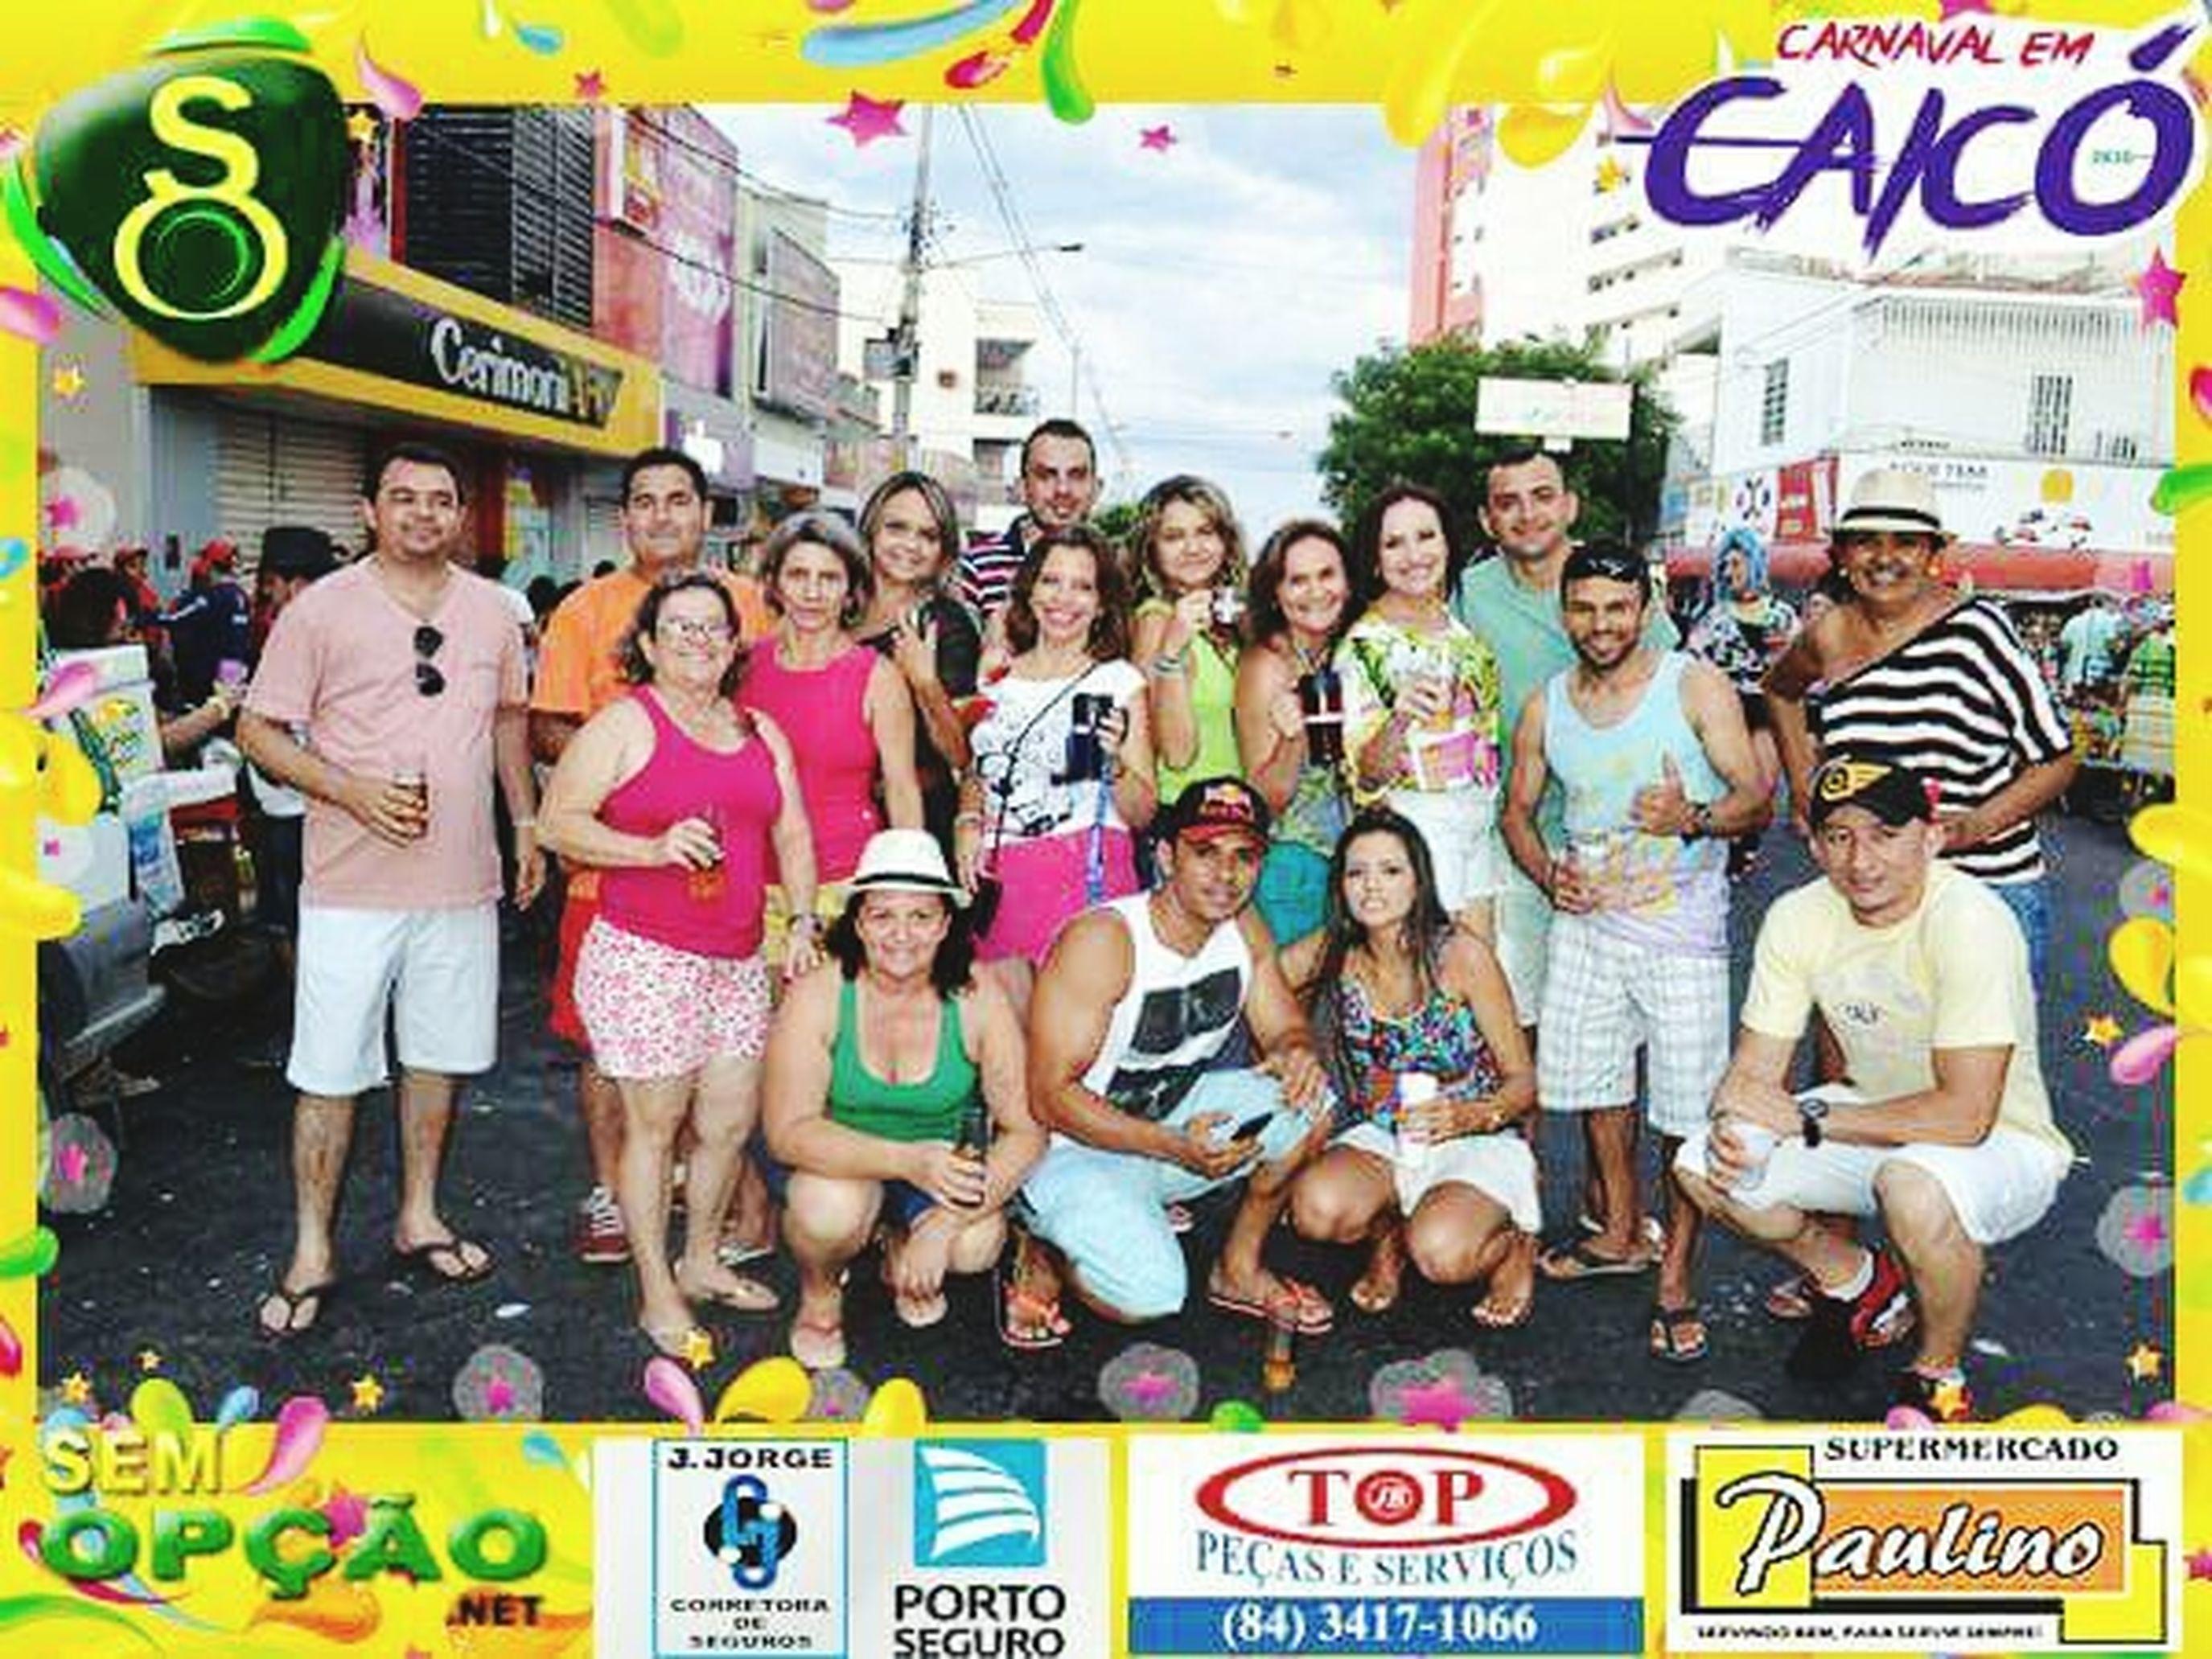 Sobre o sábado de Carnaval com os melhores. CaicoCity